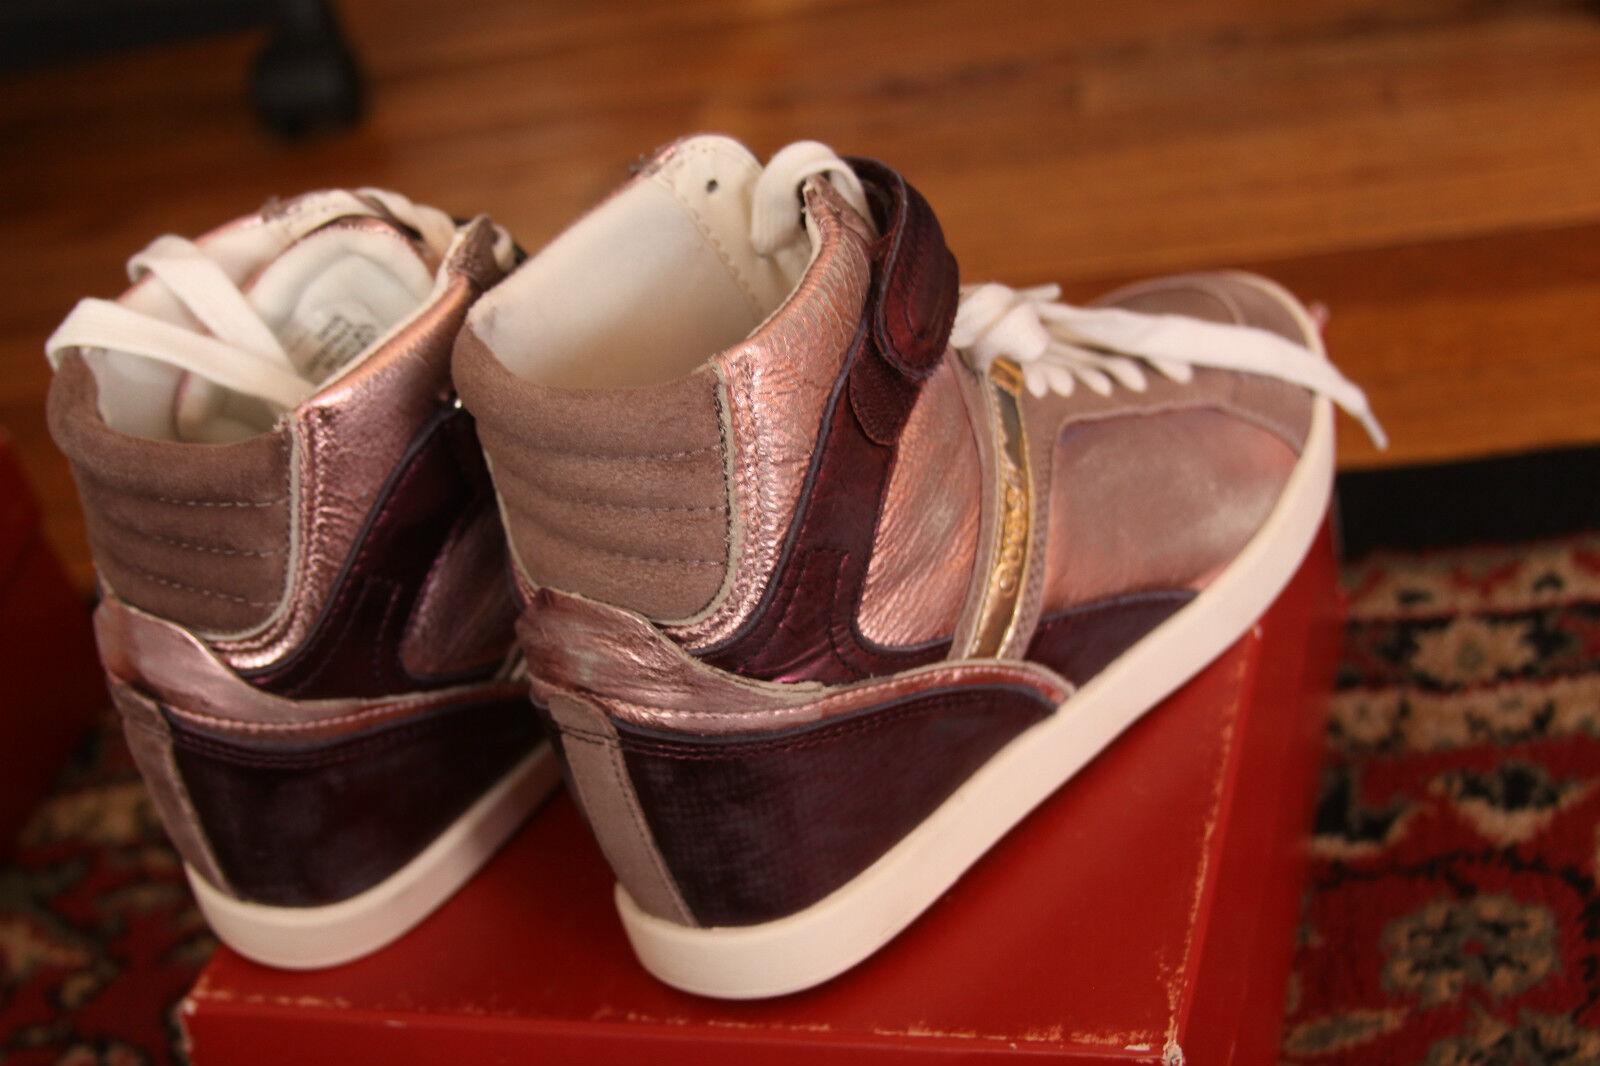 GUESS donna PERINA MEDIUM MEDIUM MEDIUM rosa LEATHER WEDGE scarpe da ginnastica Dimensione 9 b4062f